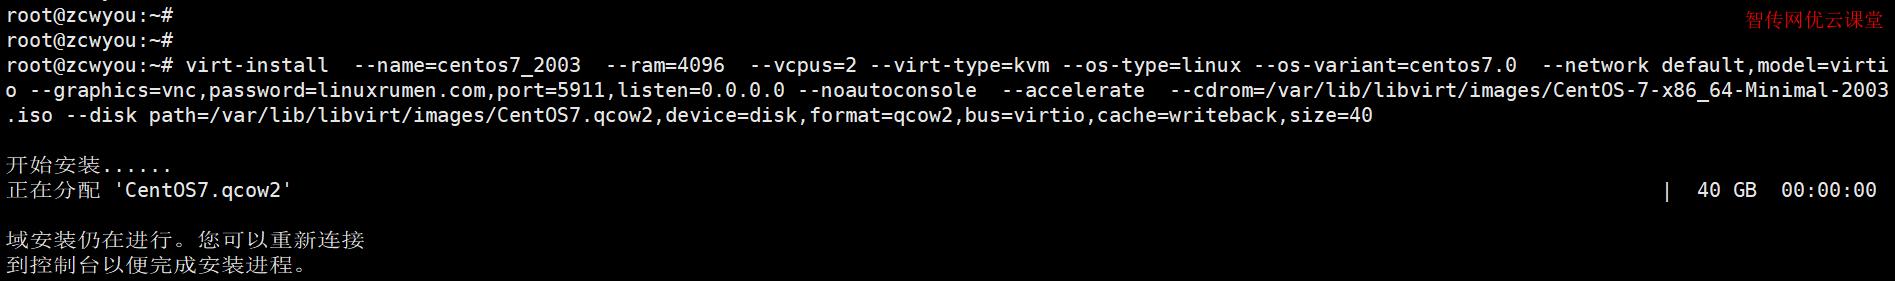 在Ubuntu 20.04 上创建KVM虚拟机